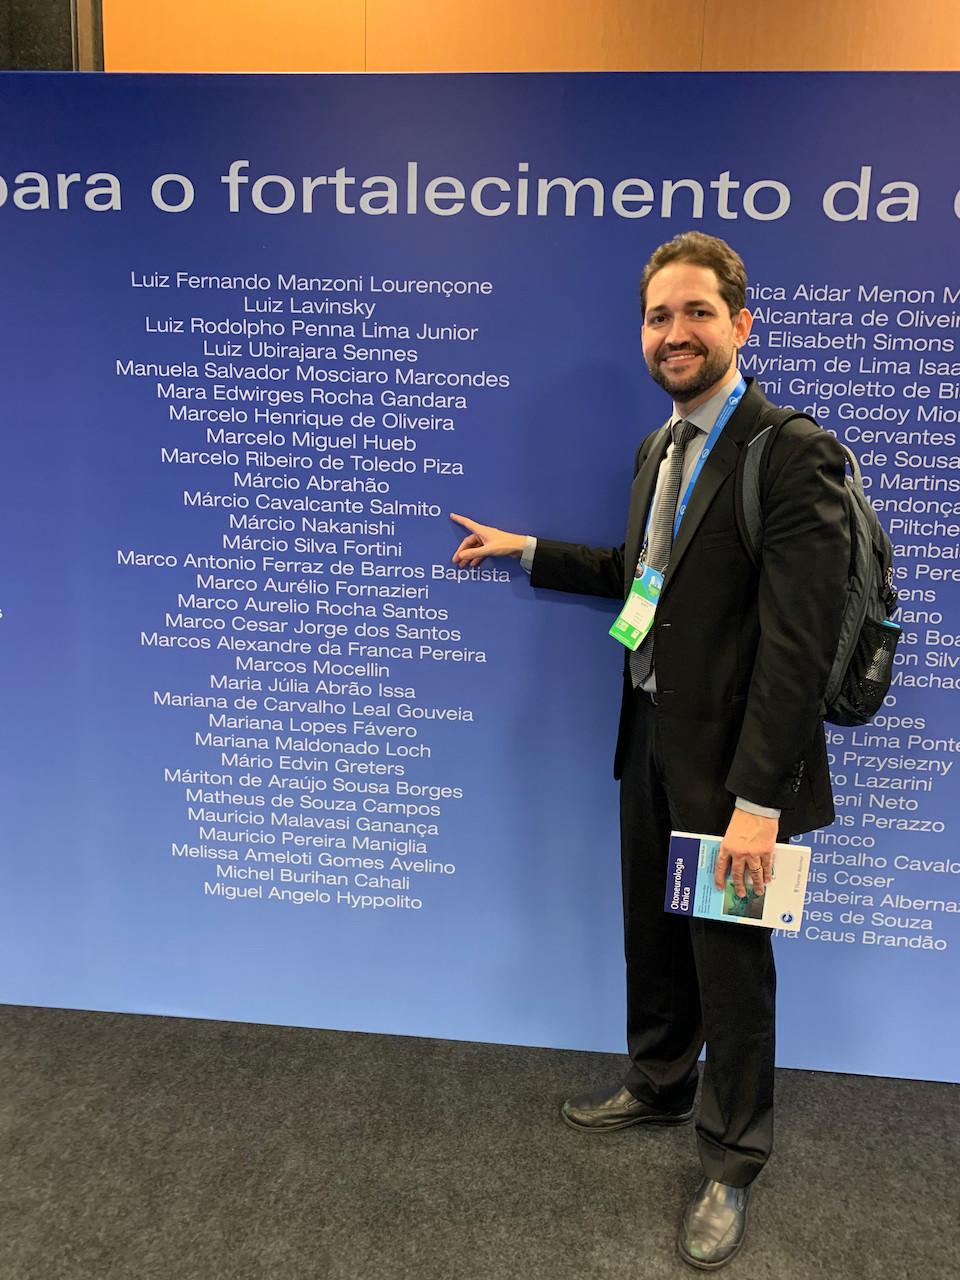 Painel de reconhecimento da ABORL para os organizadores do Congresso Brasileiro de Otorrino. Dr Márcio Salmito representando a Otoneurologia.